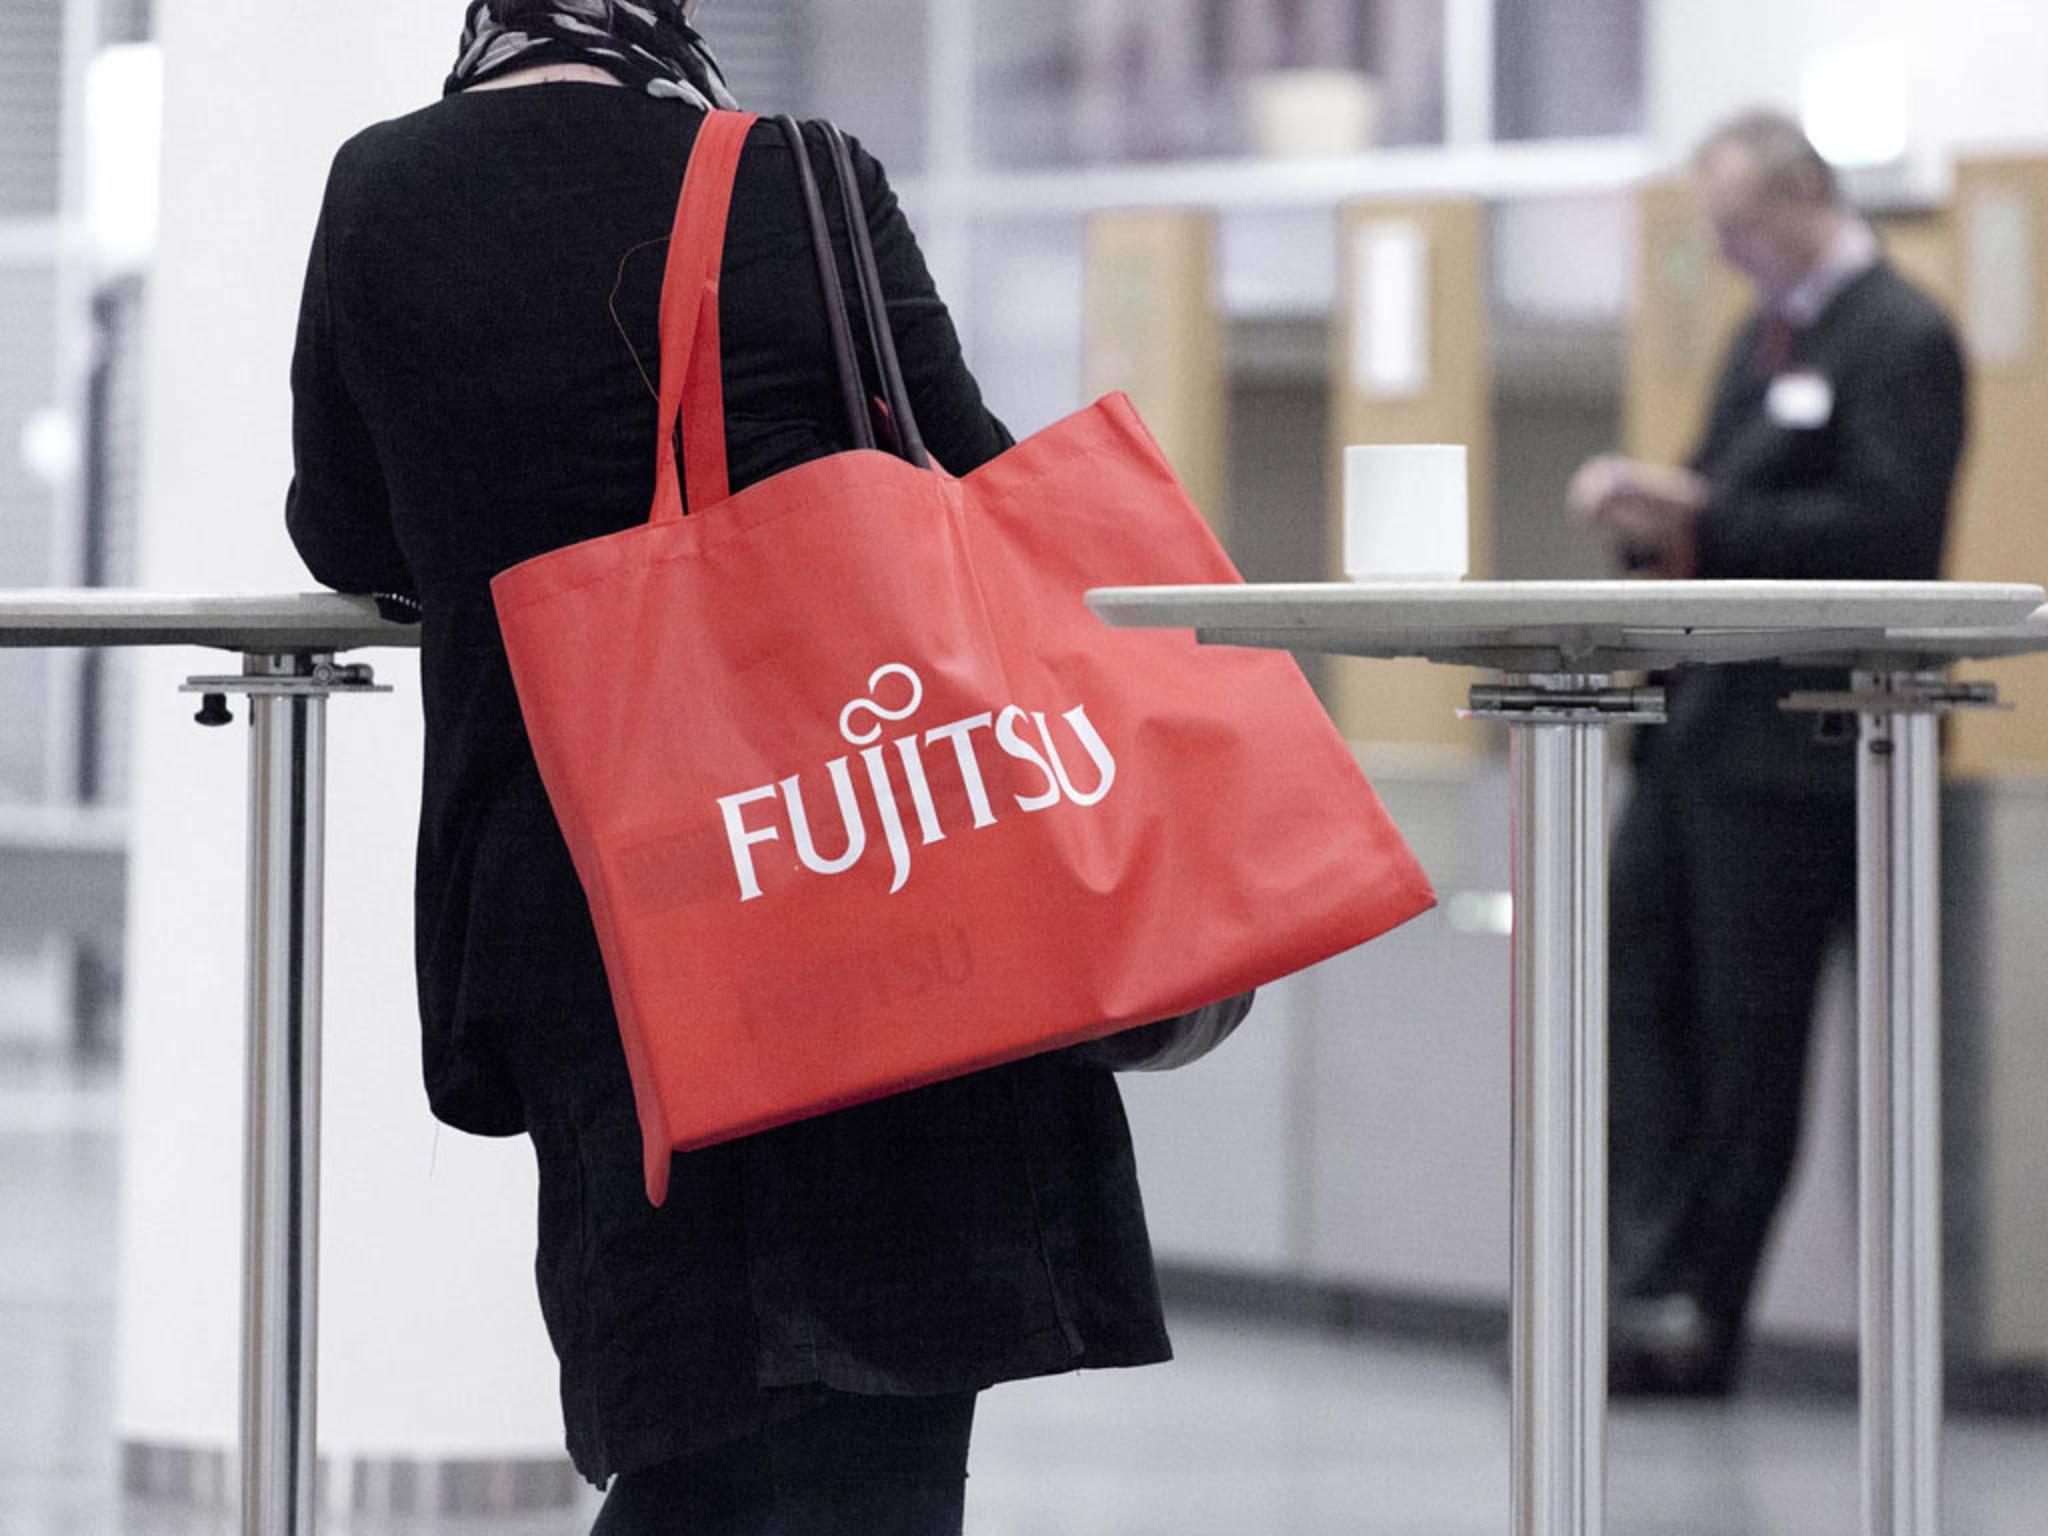 Fujitsu ist einer der weltweit größten Computer-Hersteller.